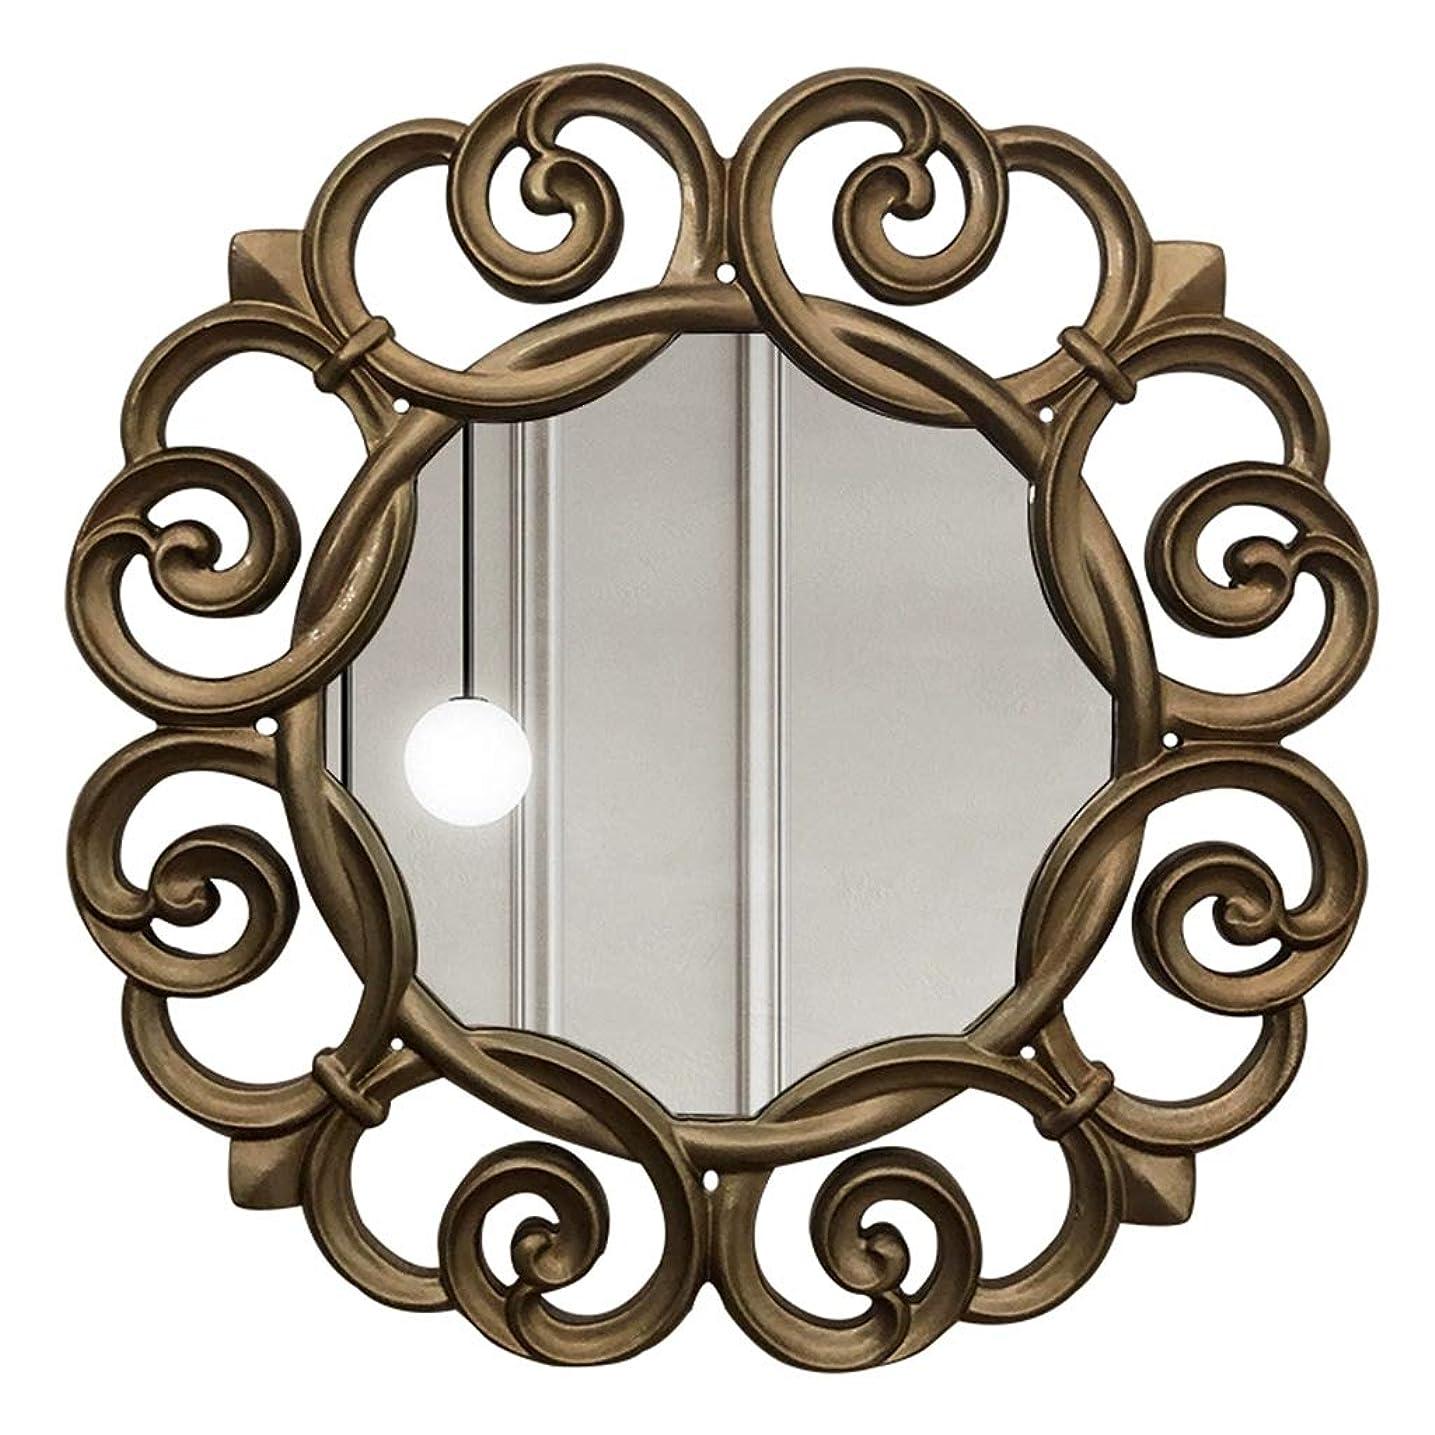 ニュージーランド絶望宿題をする壁用化粧鏡、丸型化粧台鏡、寝室用のバスルームミラー、オフィス、リビングルーム、ダイニングルームの壁の装飾20